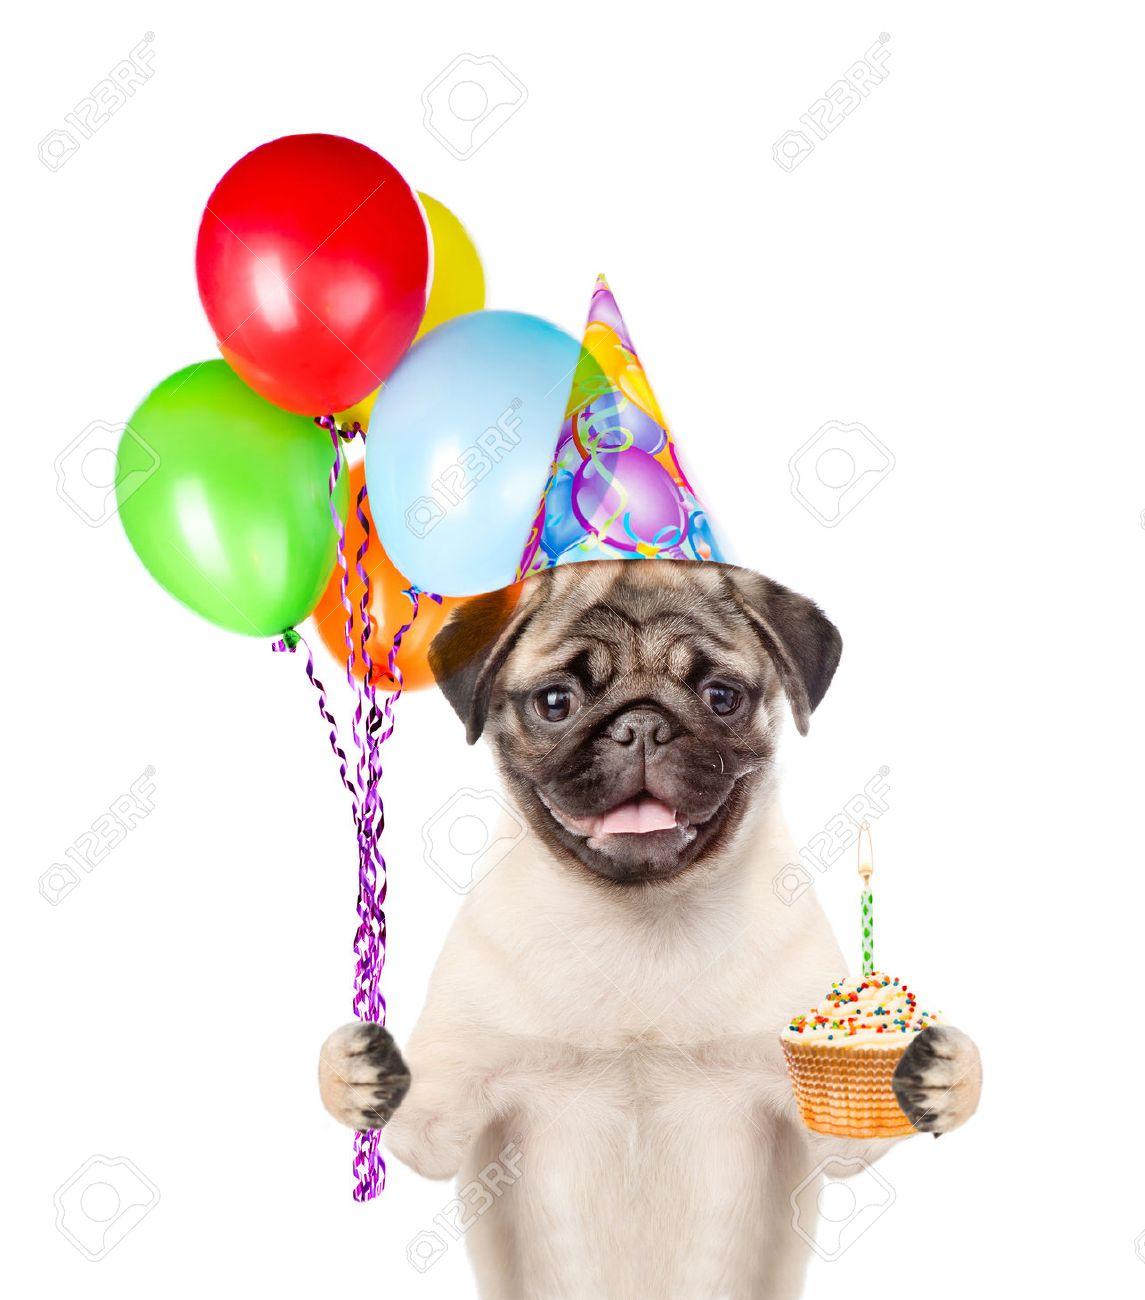 Hond In Verjaardag Hoed Bedrijf Ballonnen En Taart Geisoleerd Op